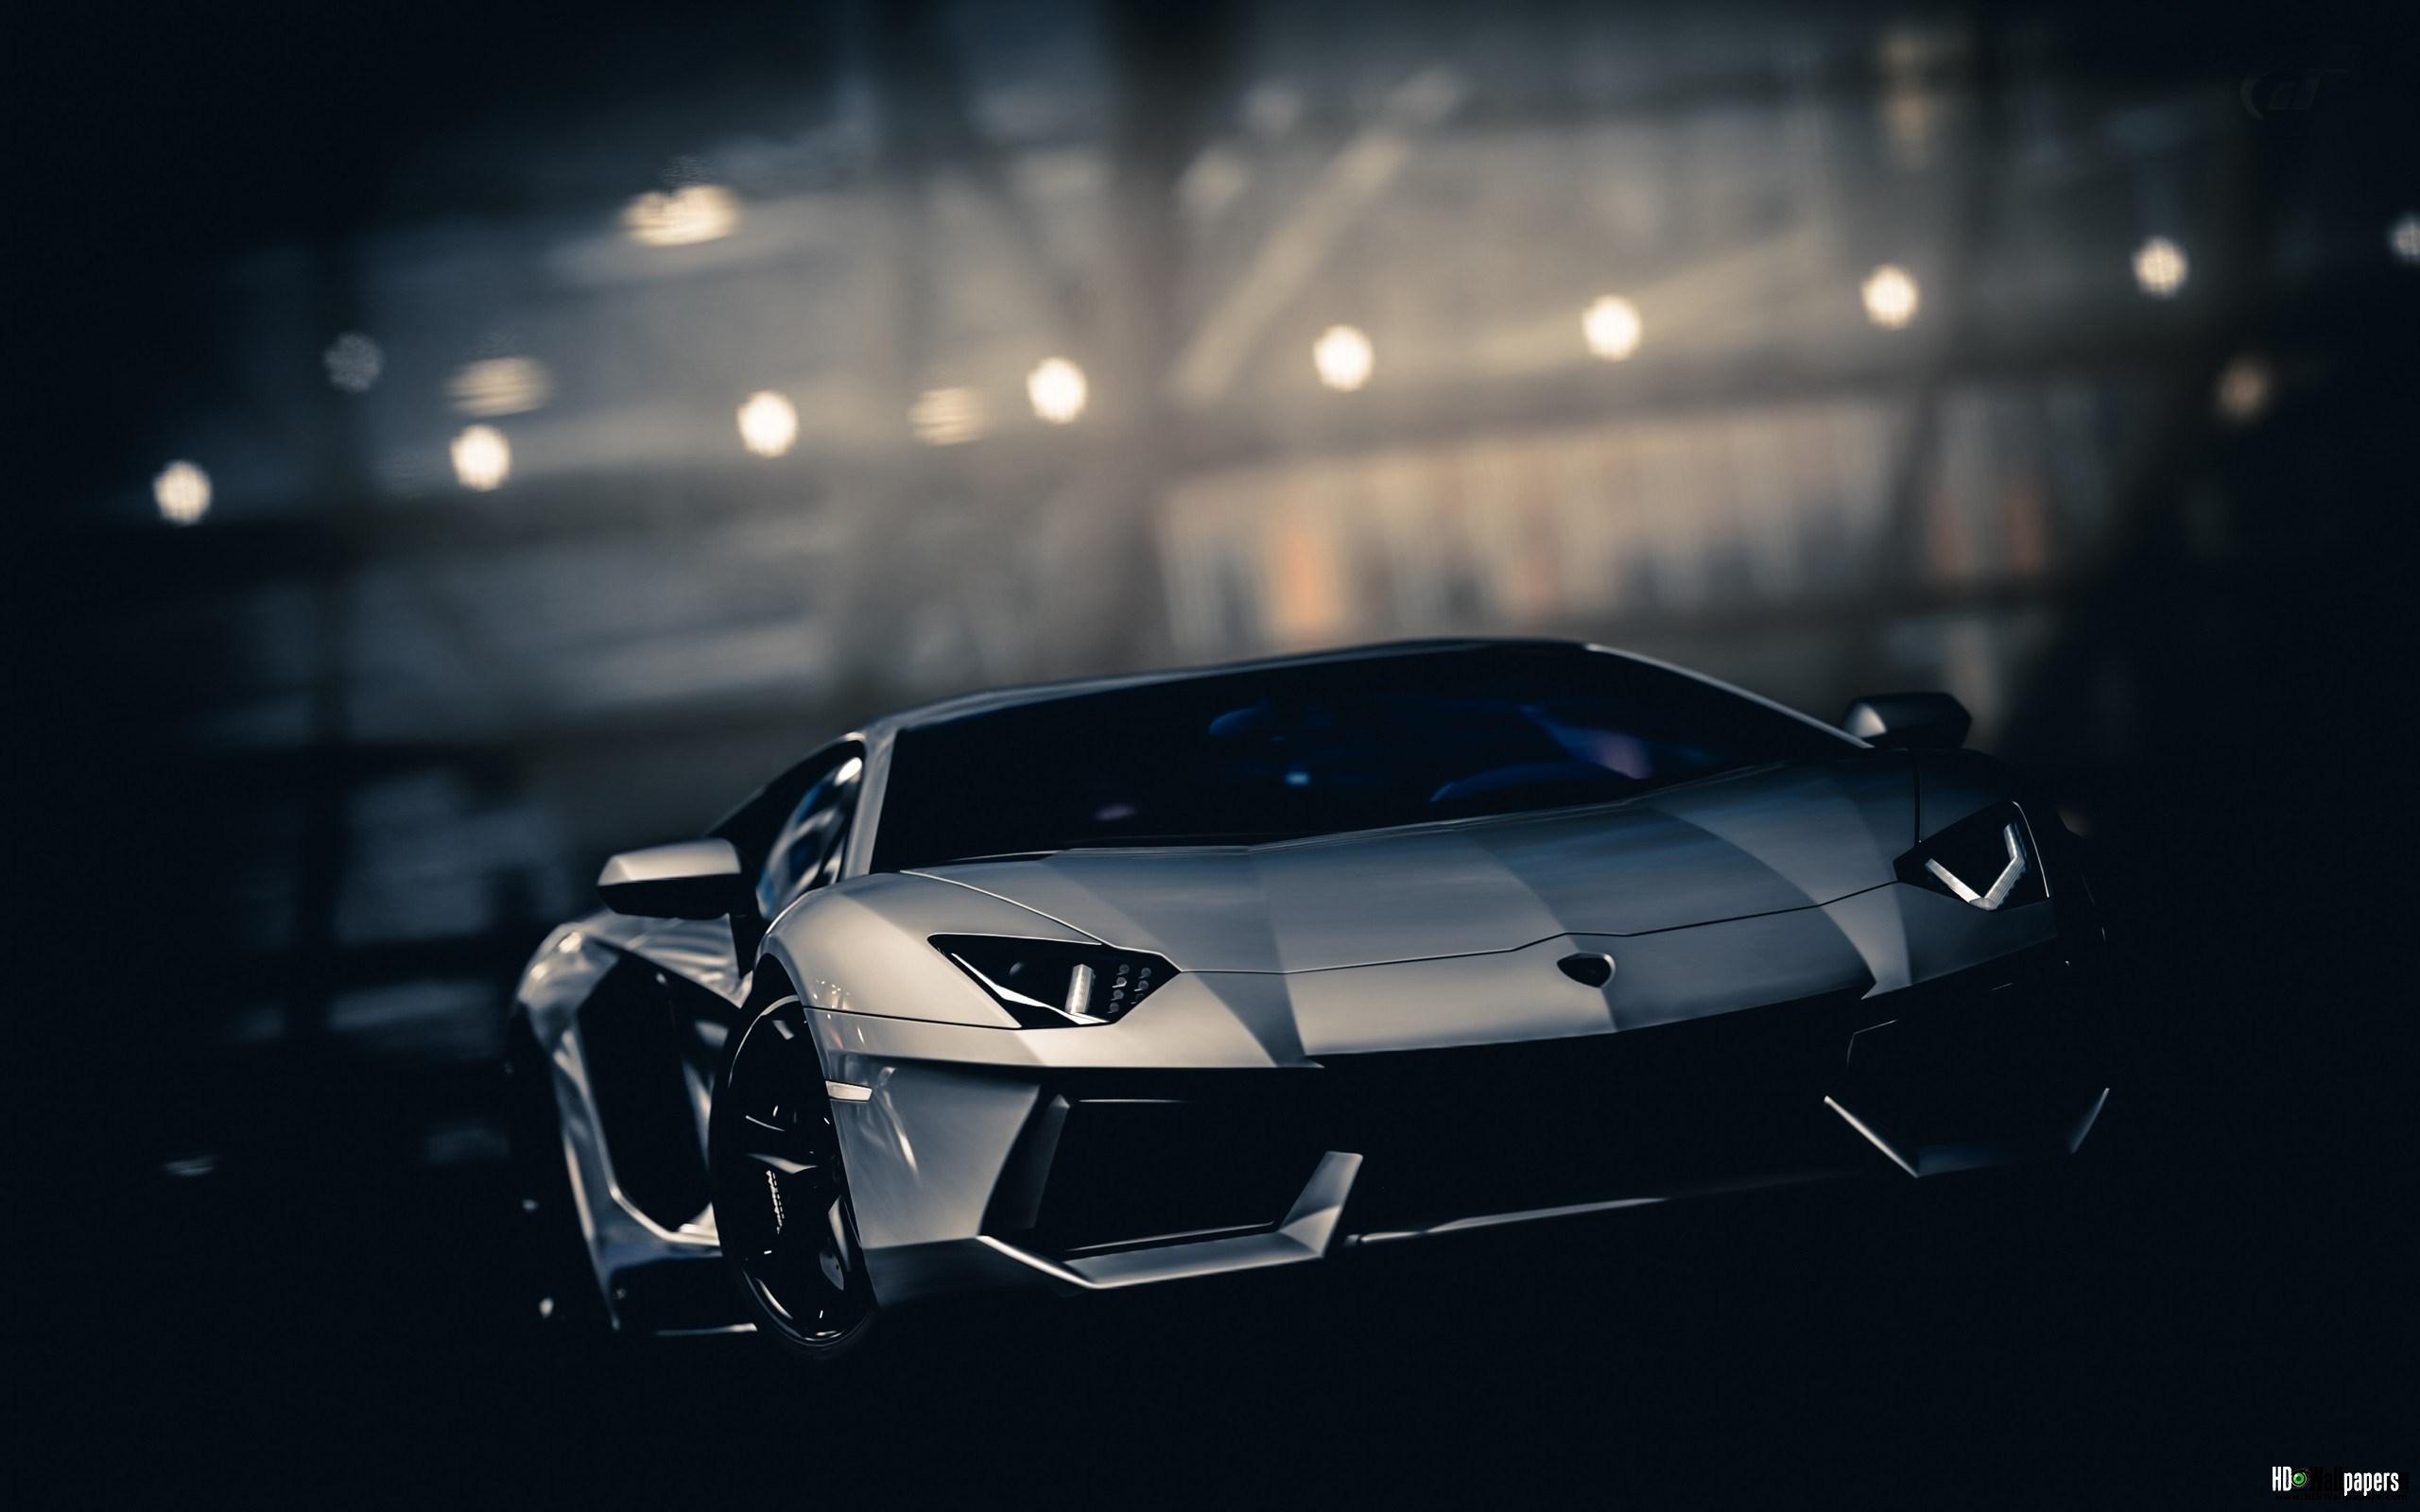 43 Lamborghini Hd Wallpapers Free Download On Wallpapersafari